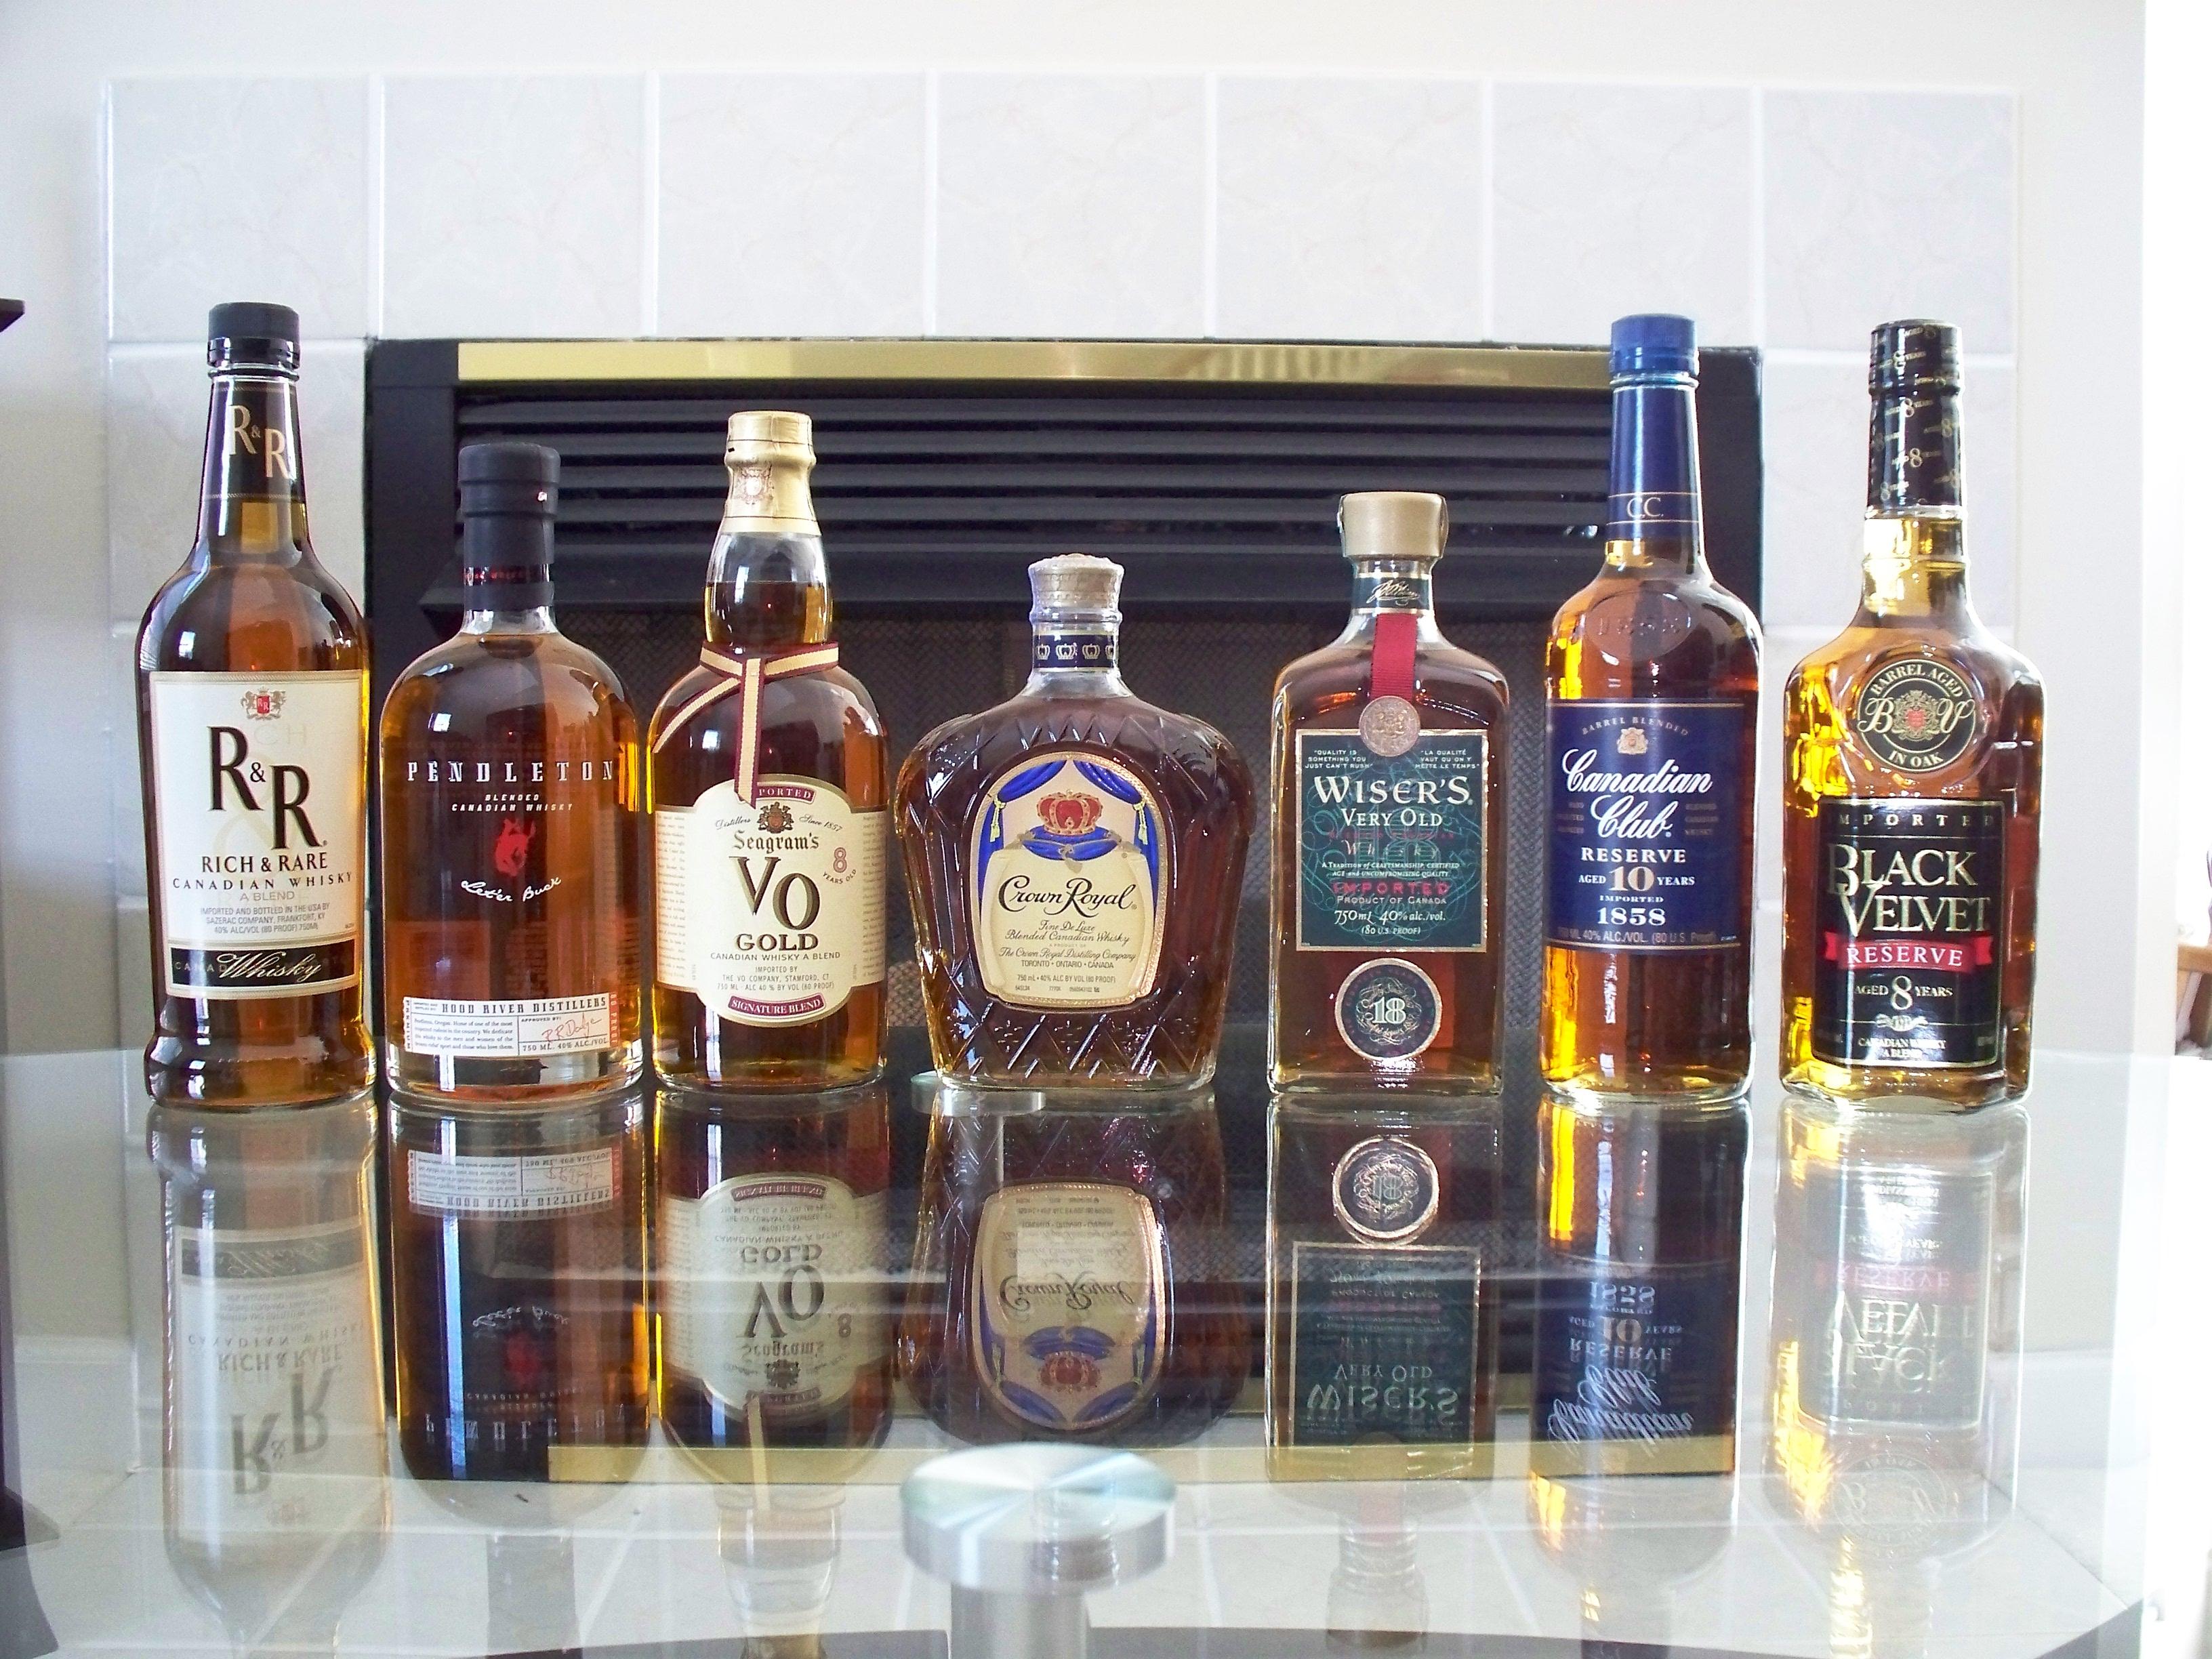 File:CanadianWhisky.JPG - Wikipedia Best Irish Whiskey